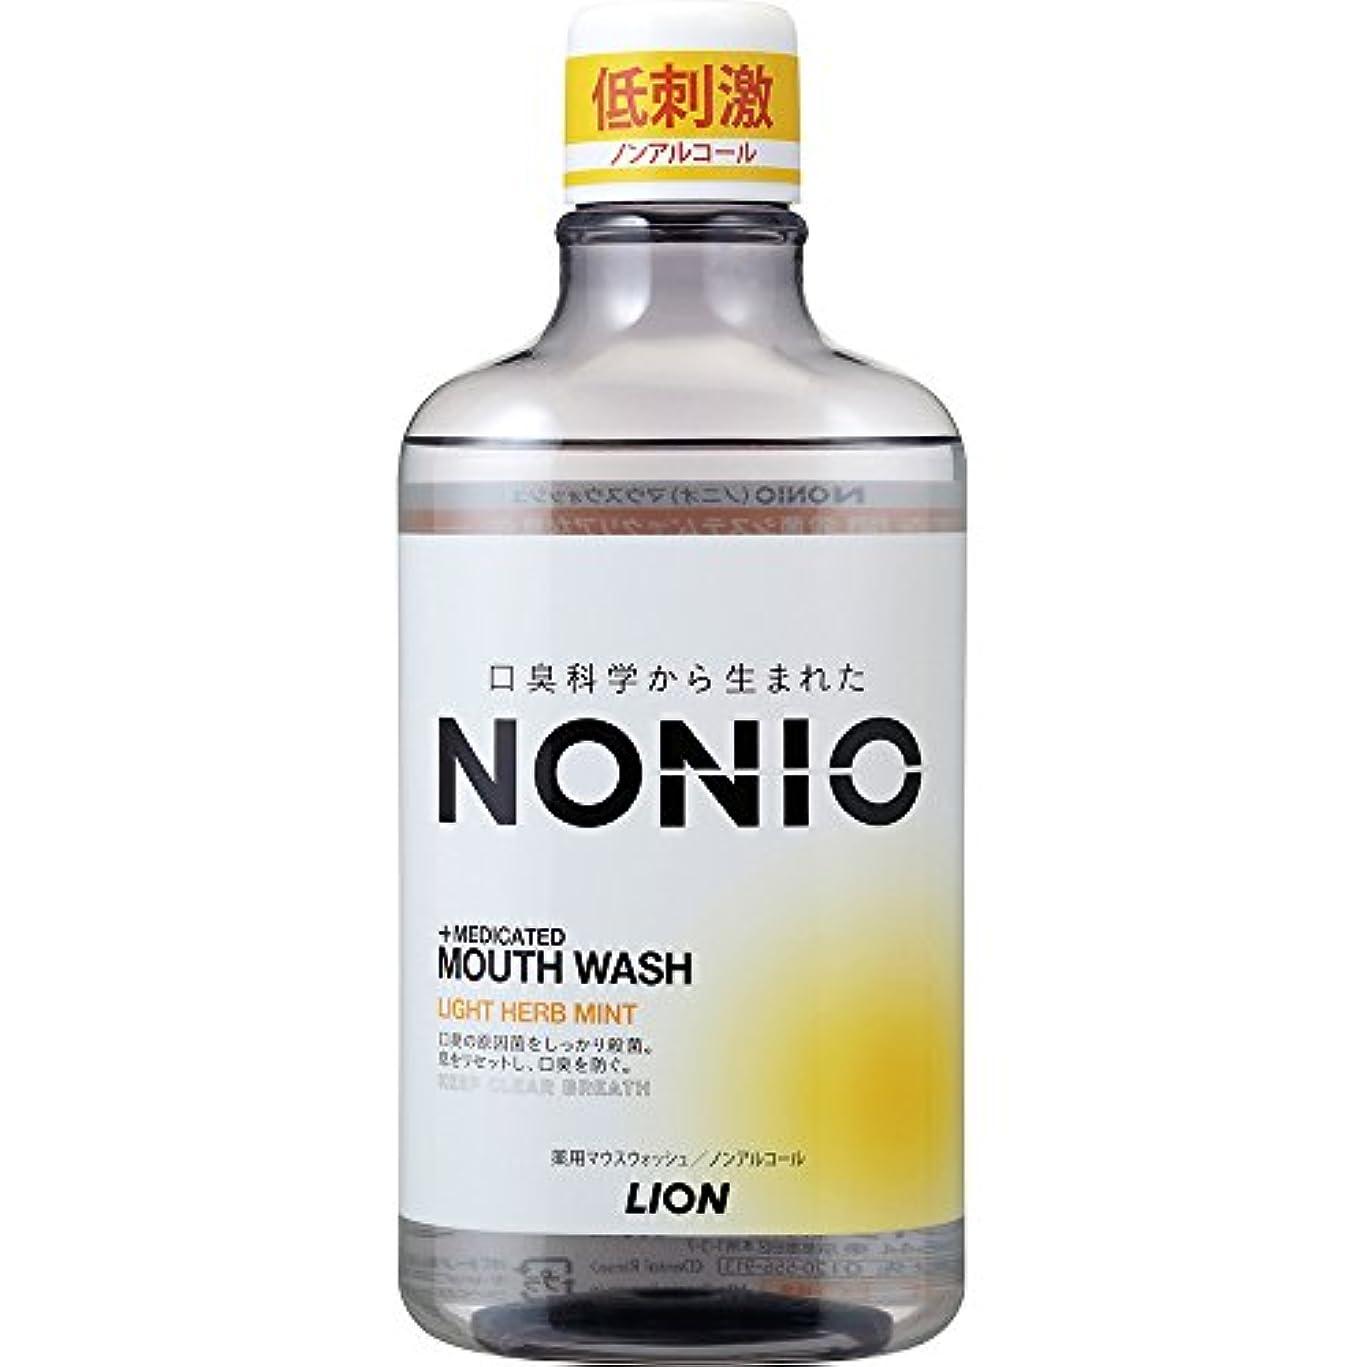 公平なスペース擬人化[医薬部外品]NONIO マウスウォッシュ ノンアルコール ライトハーブミント 600ml 洗口液